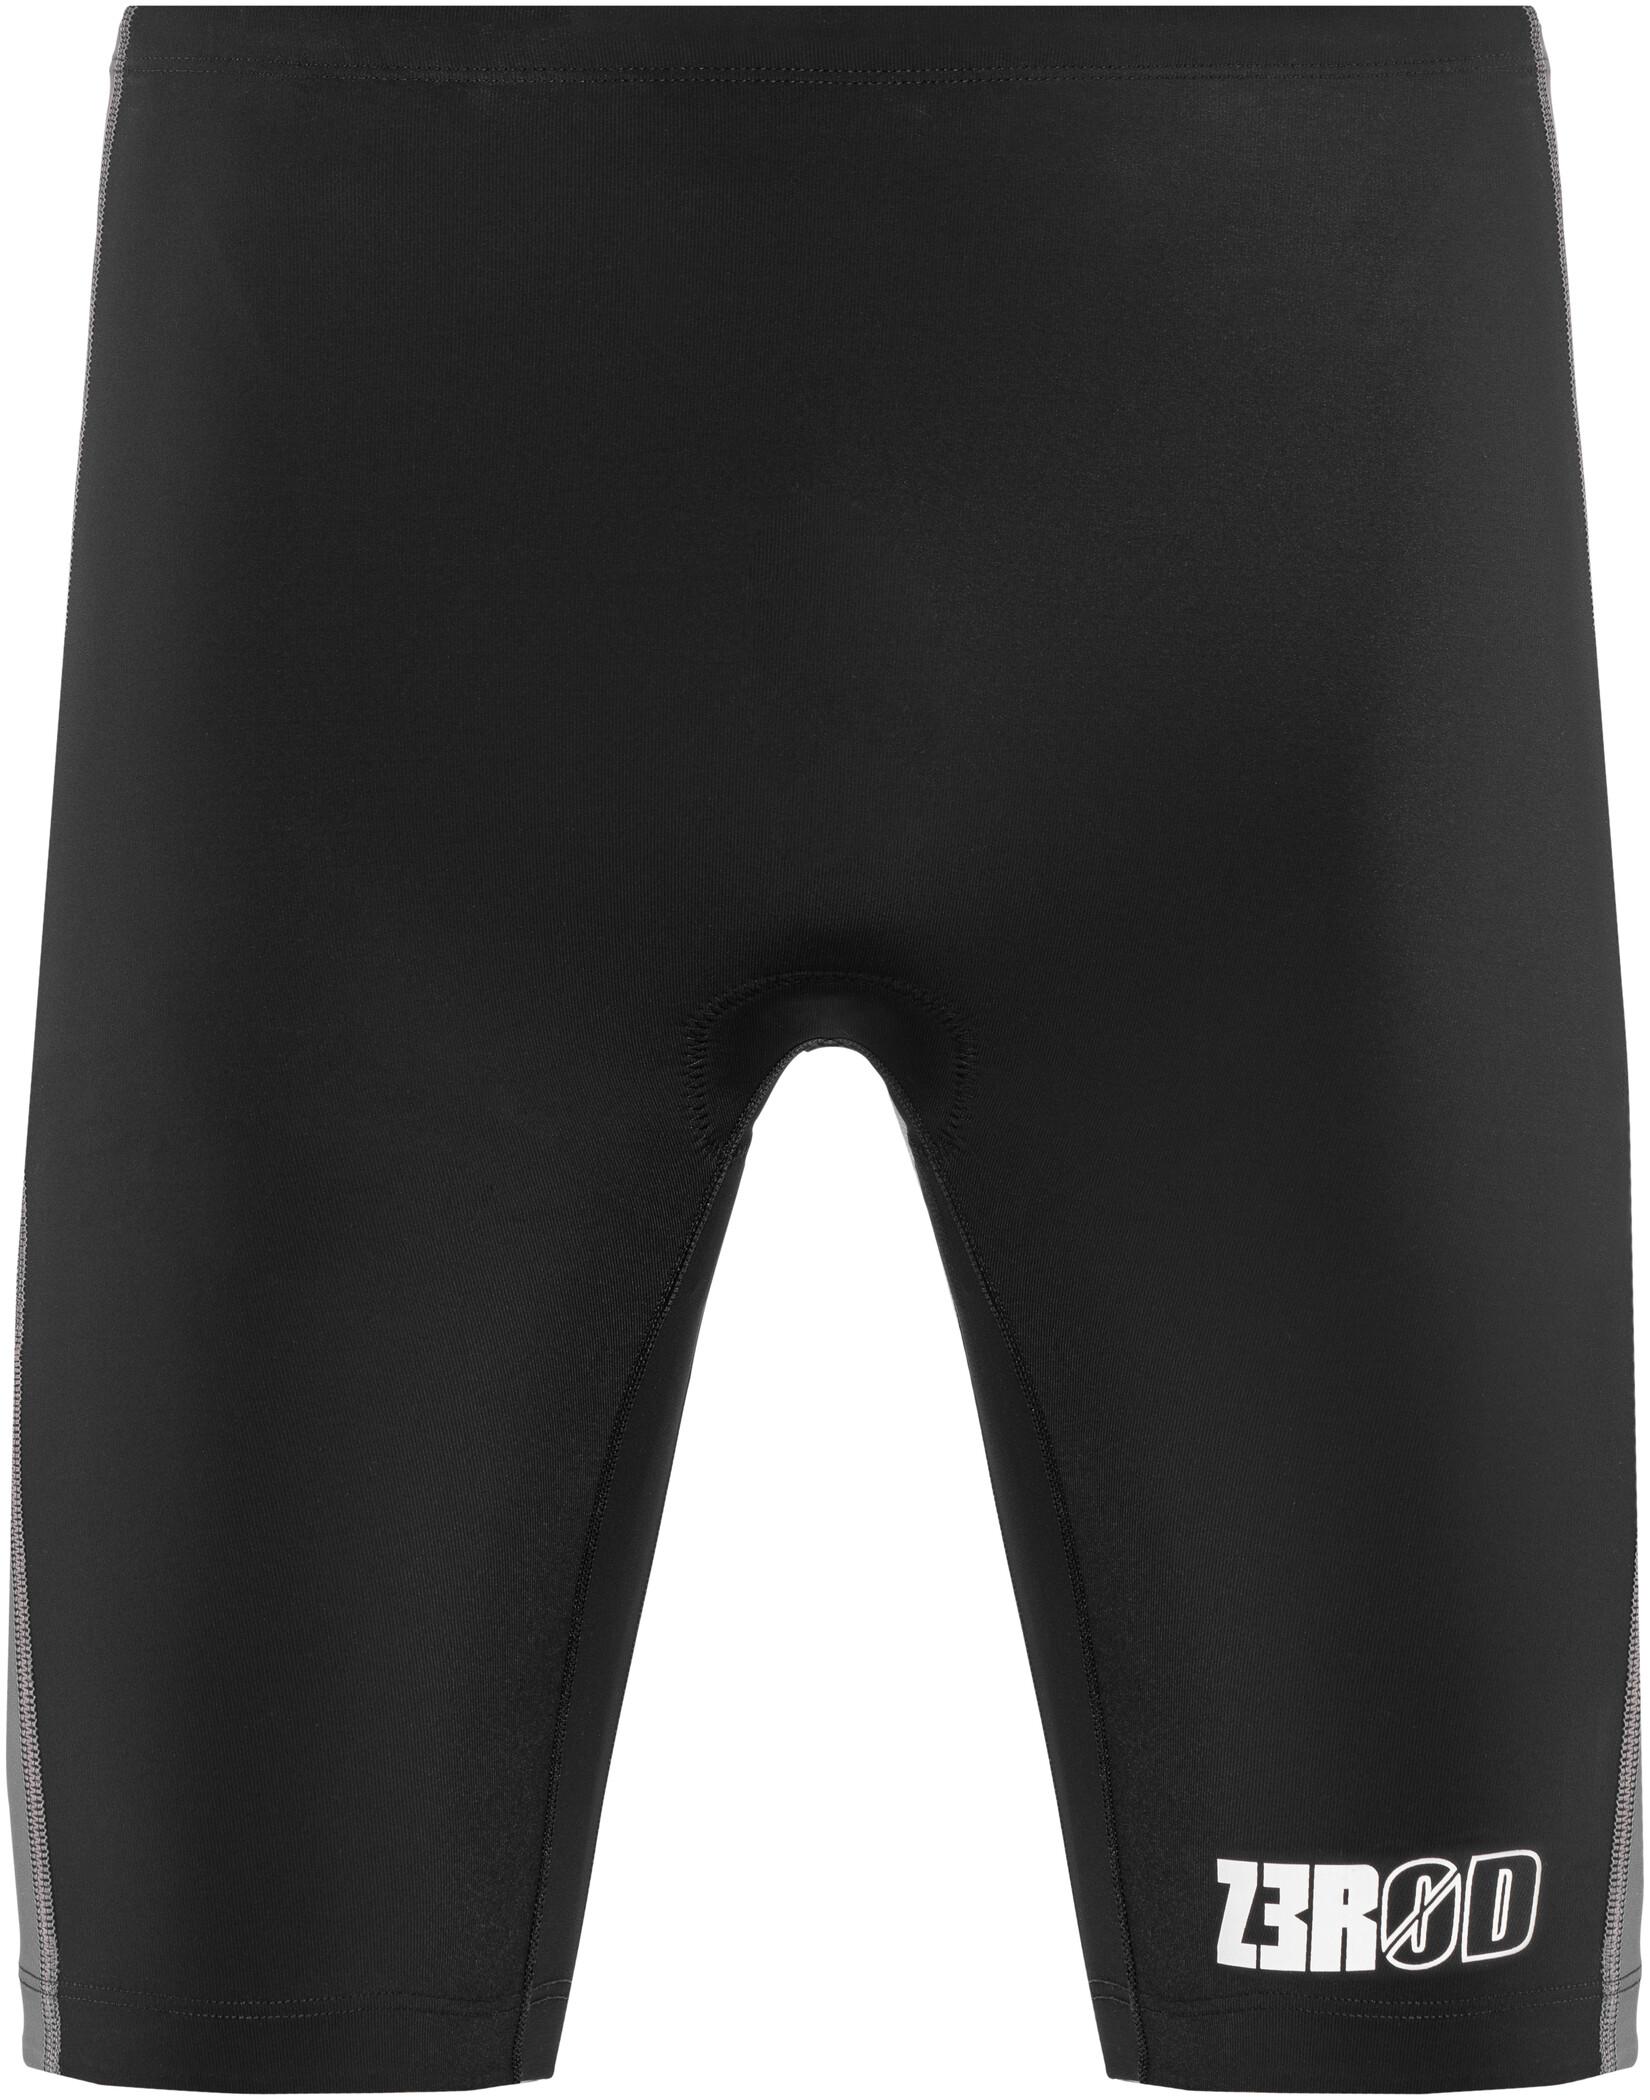 Z3R0D Racer Shorts Herrer, black series | Svømmetøj og udstyr